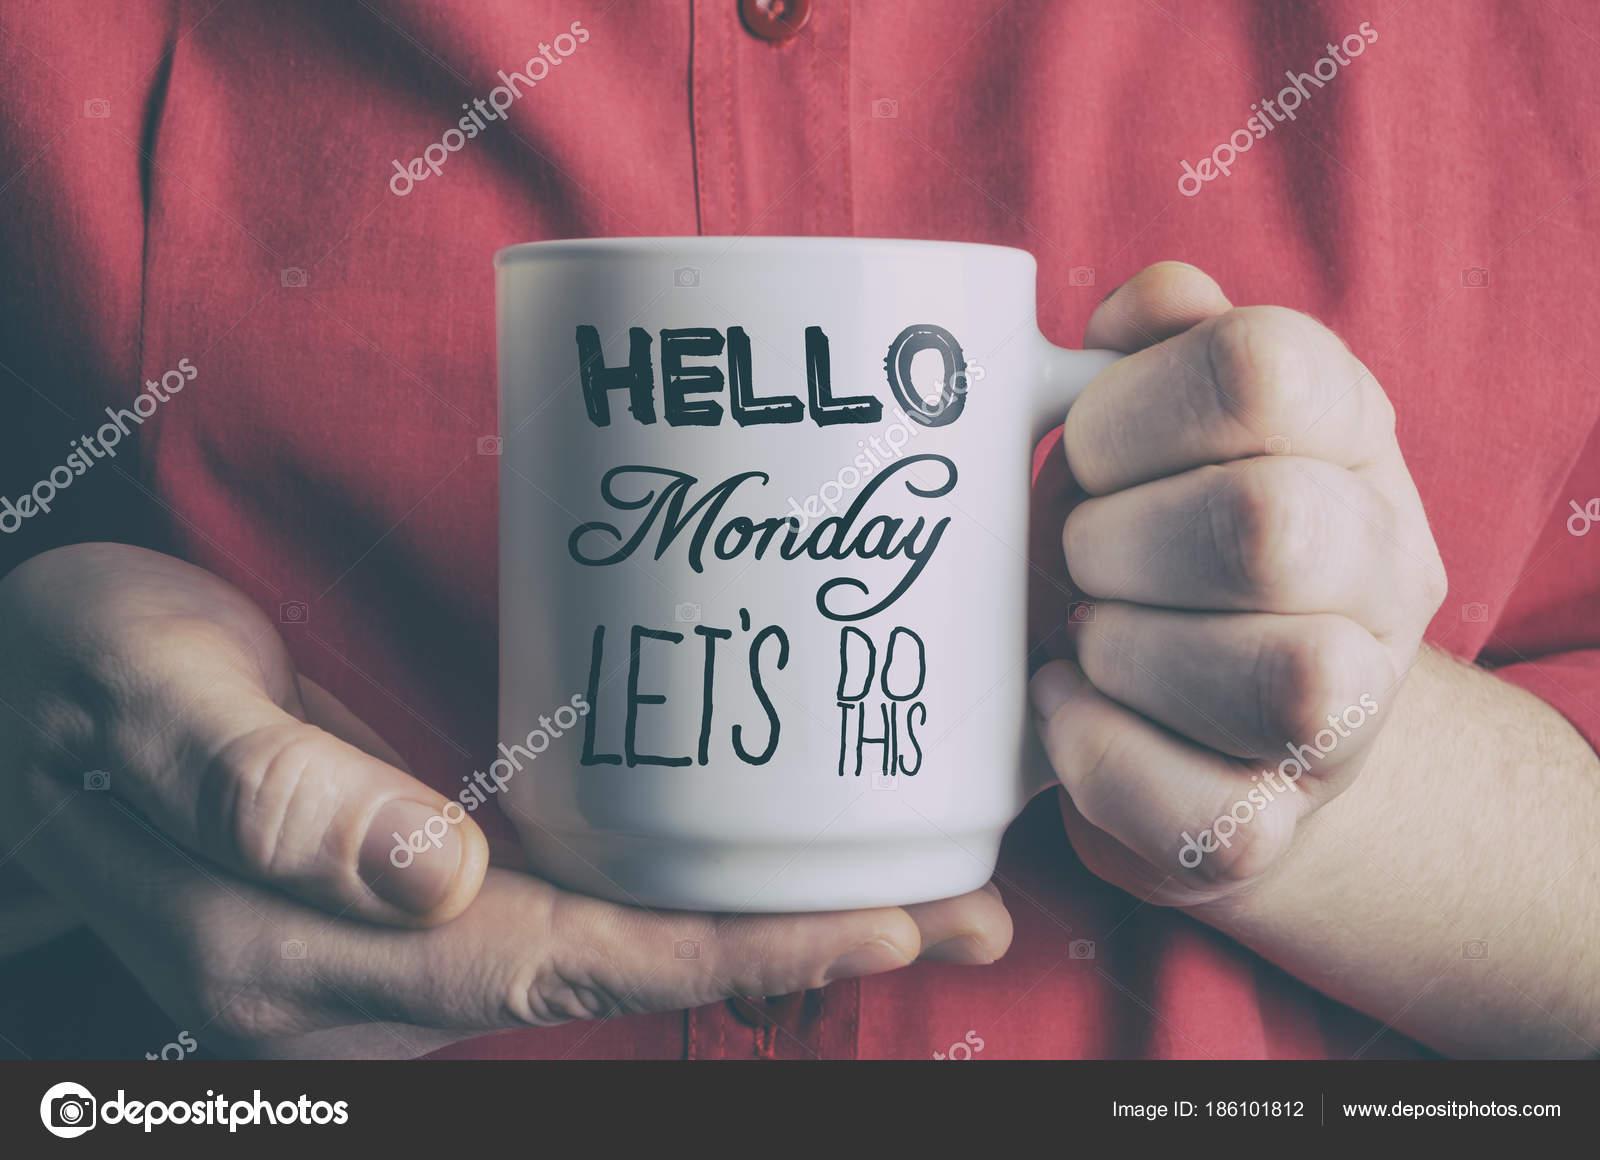 Citaten Koffie English : Hallo maandag laten we dit doen. grappige motiverende citaat over